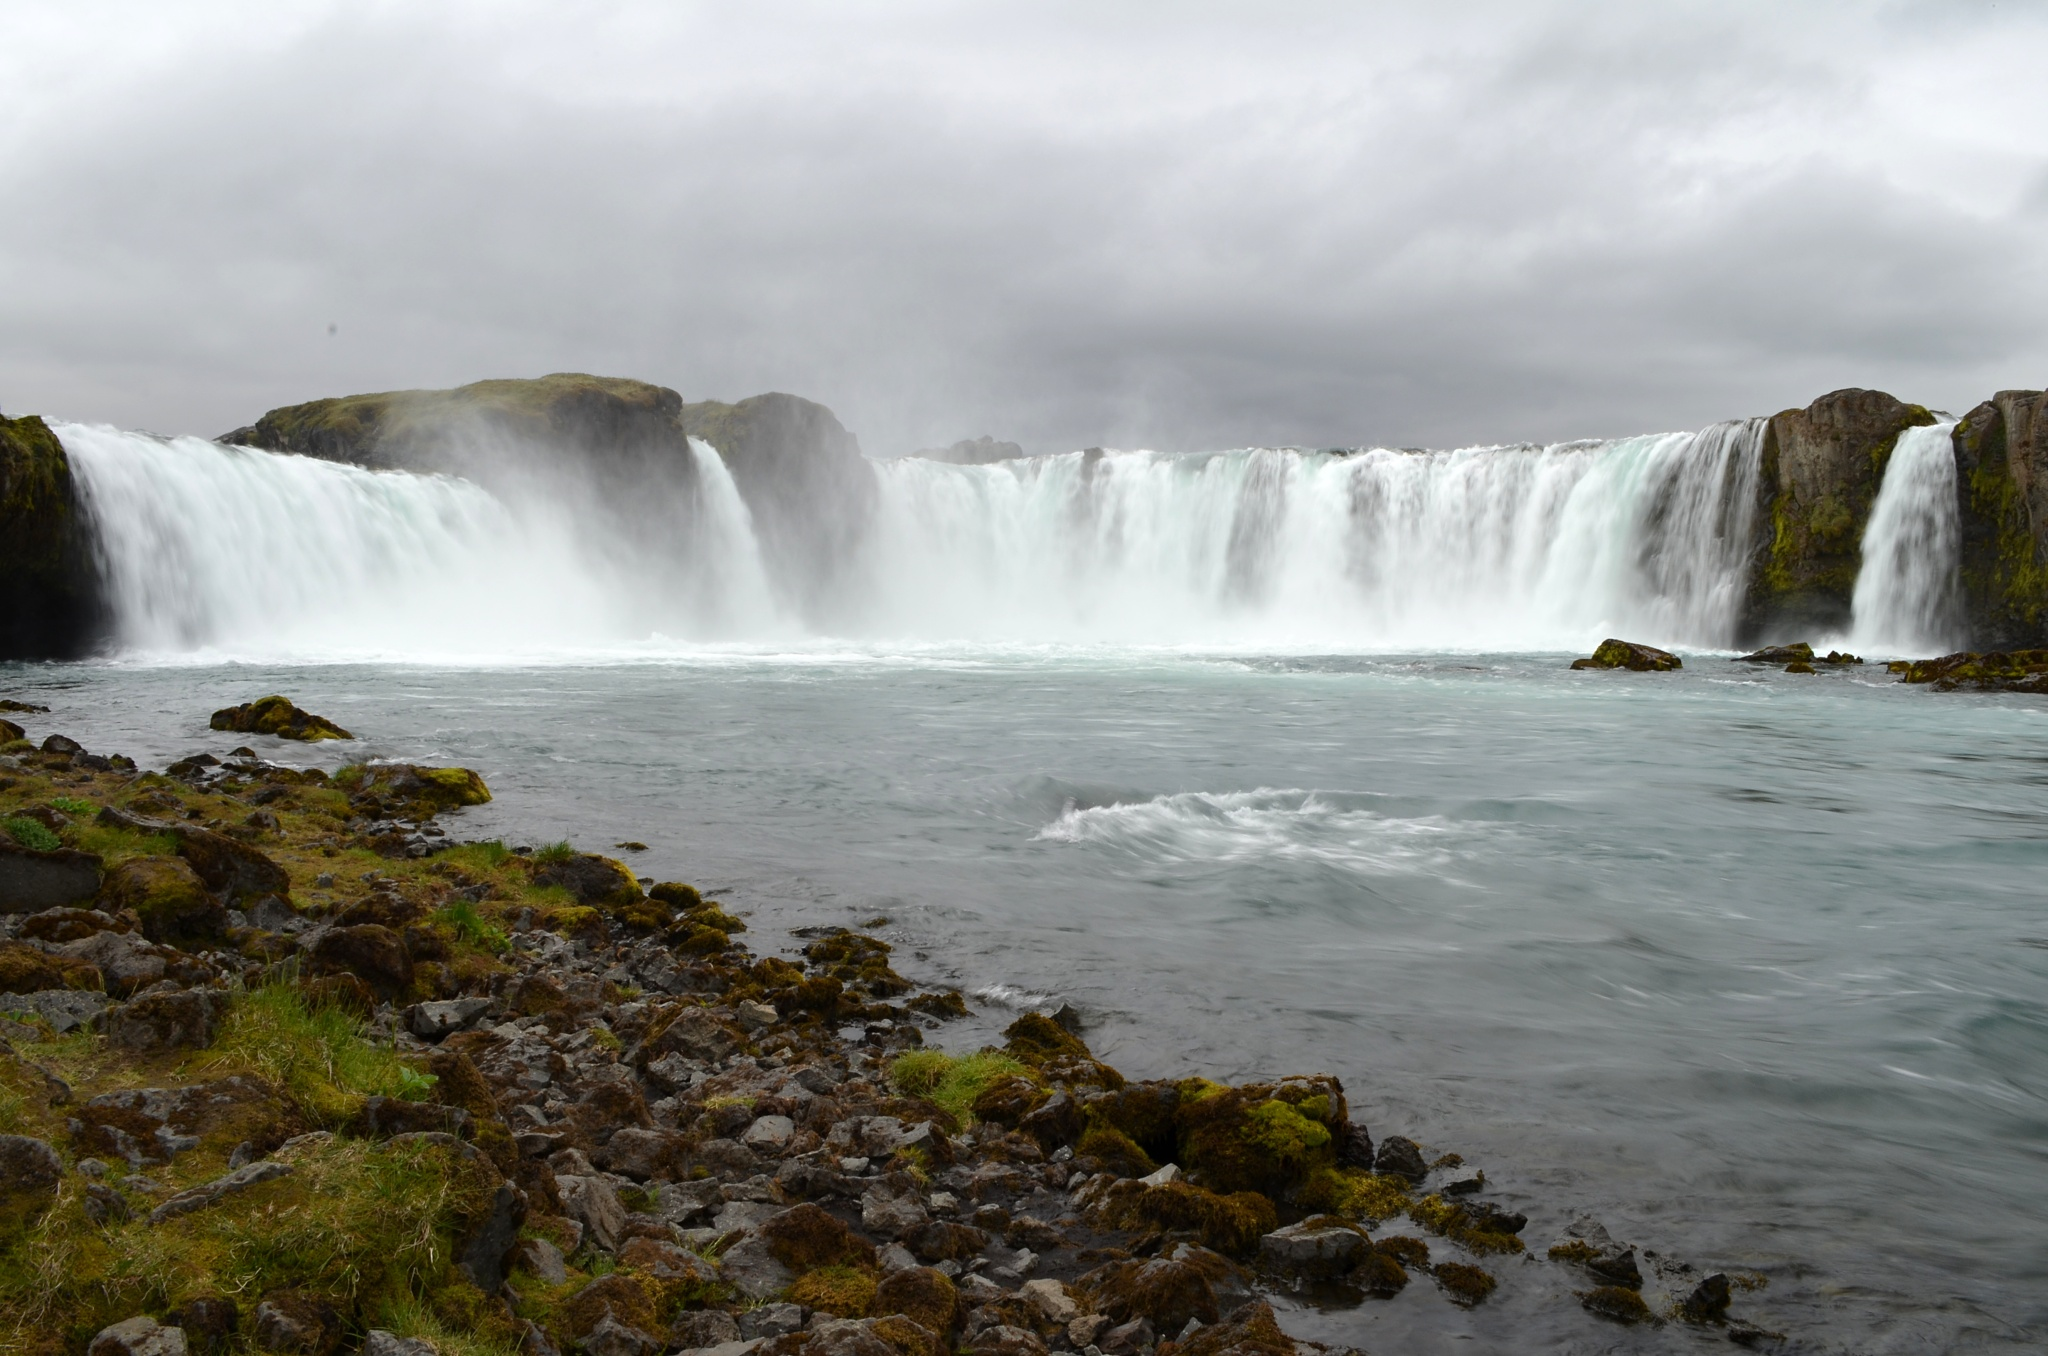 Mohutný vodopád Goðafoss focený od spodní hladiny